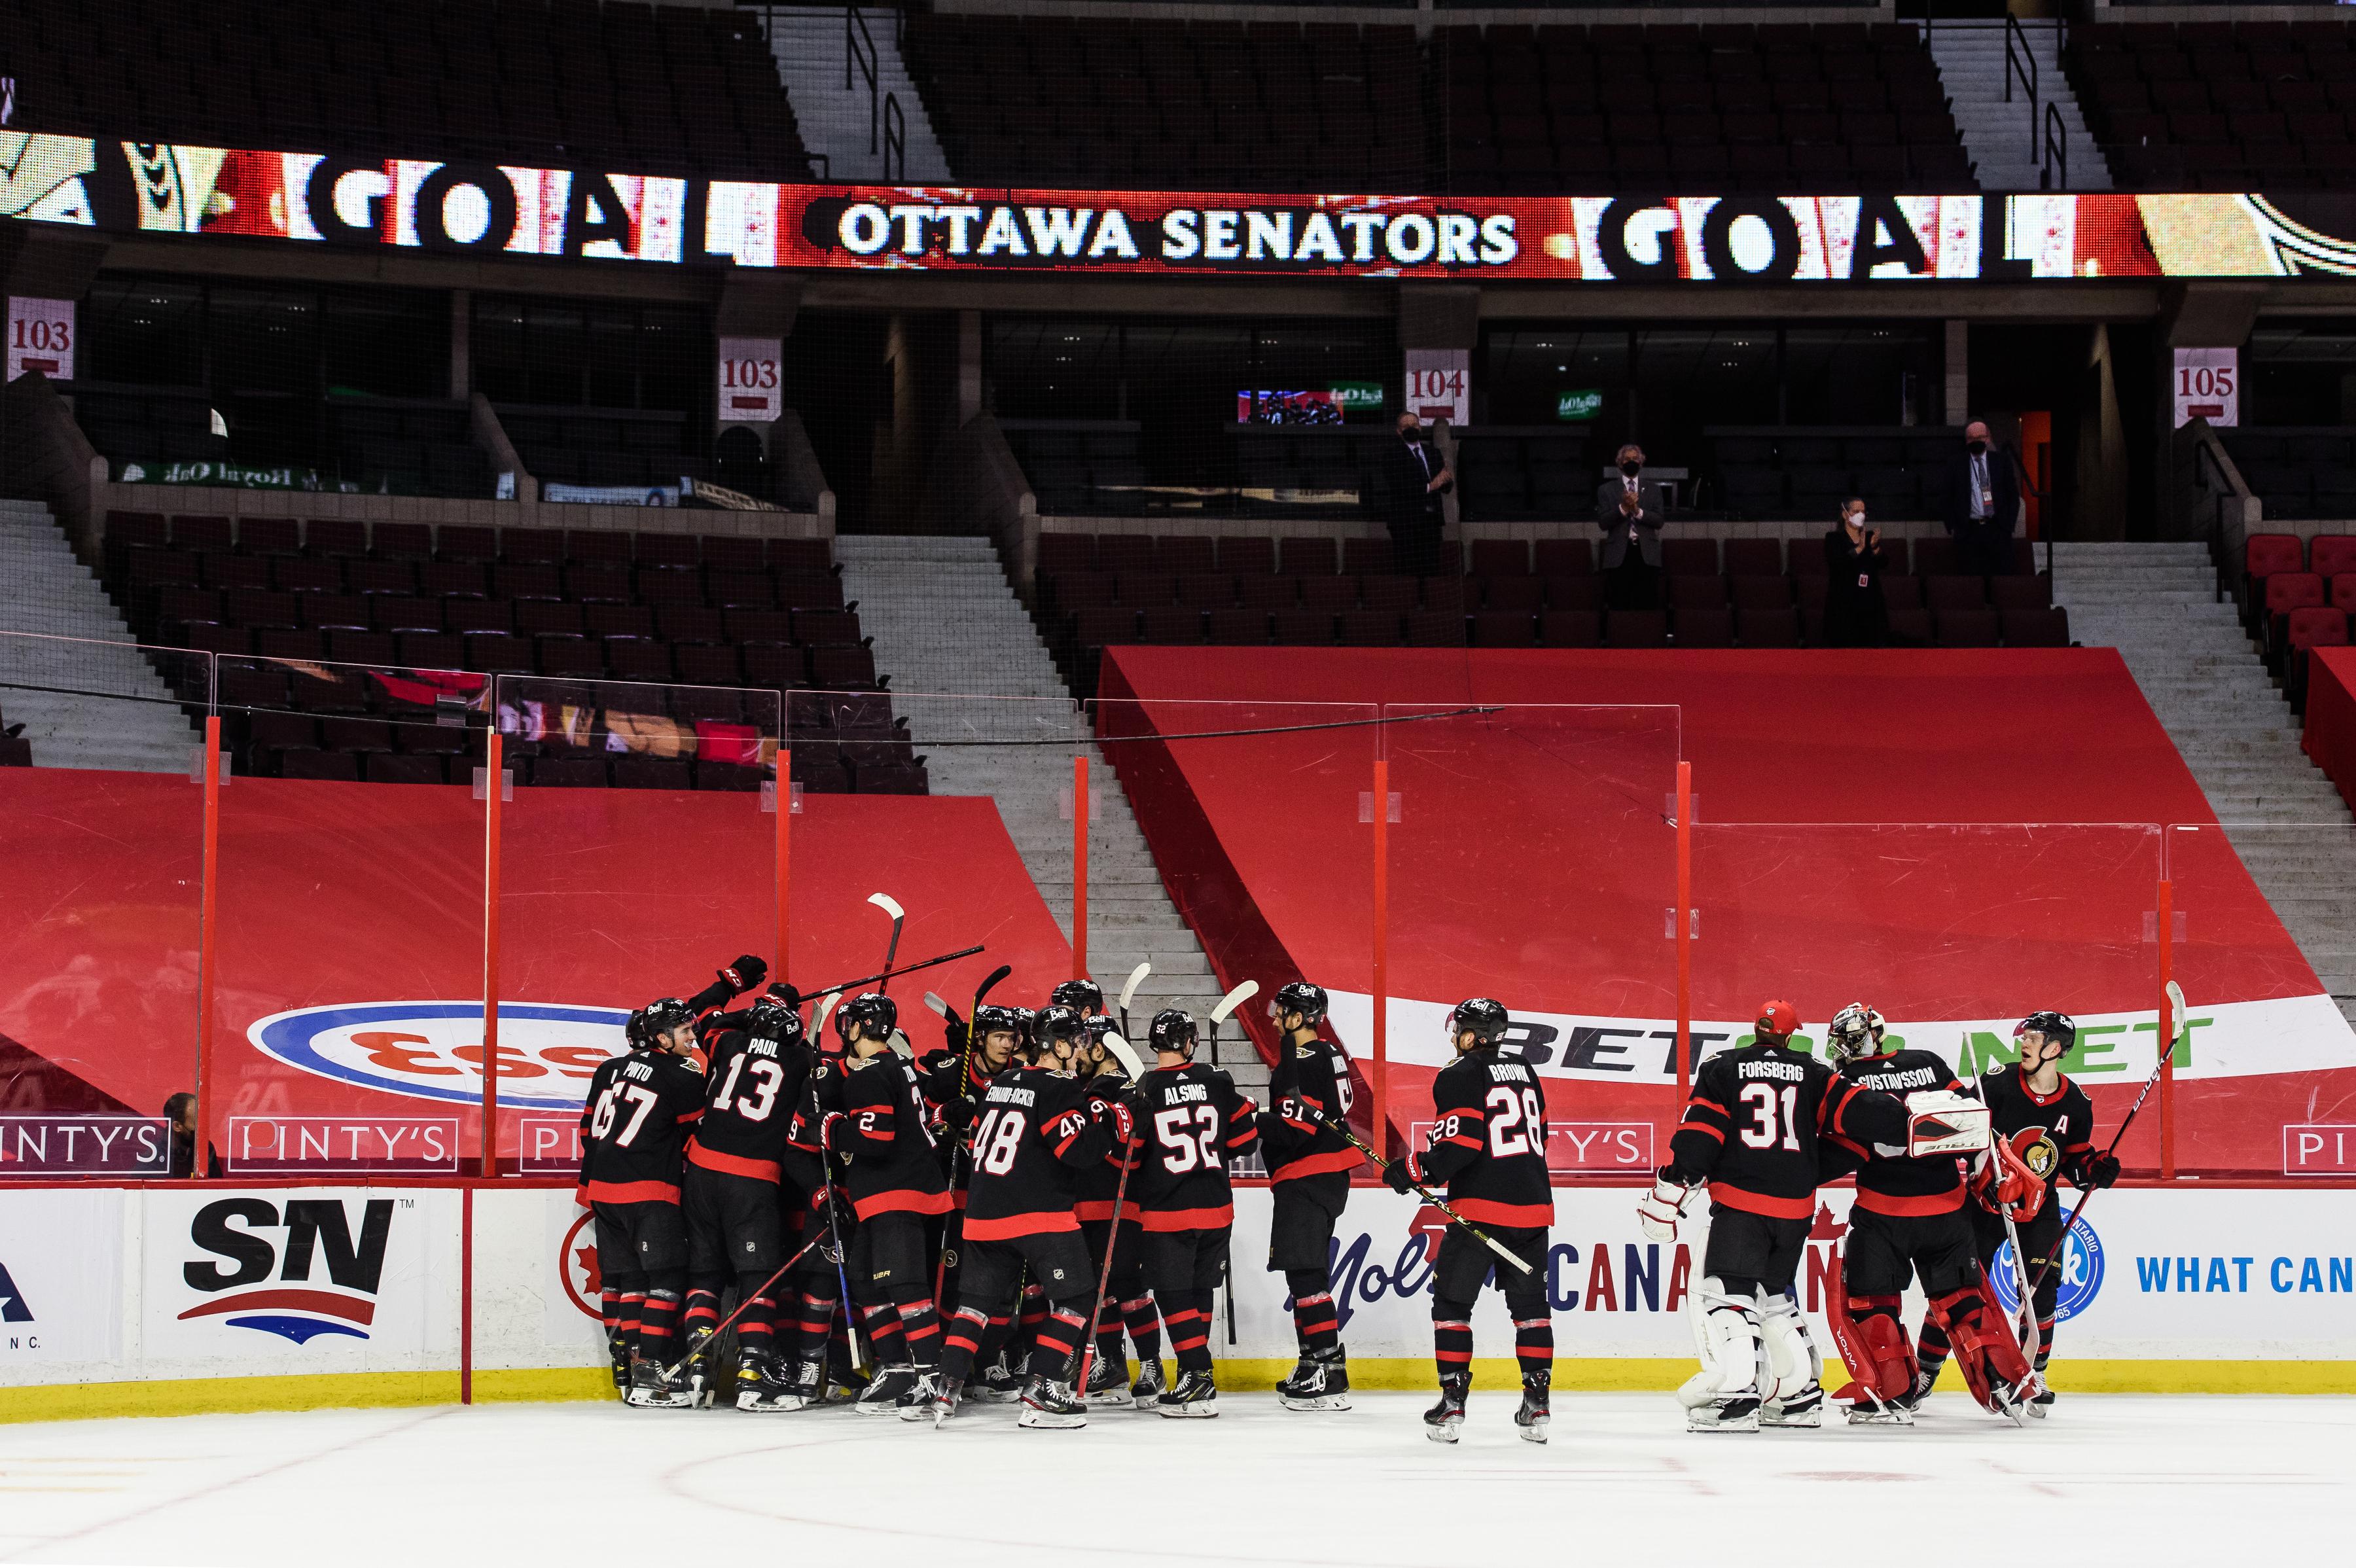 NHL: MAY 12 Leafs at Senators